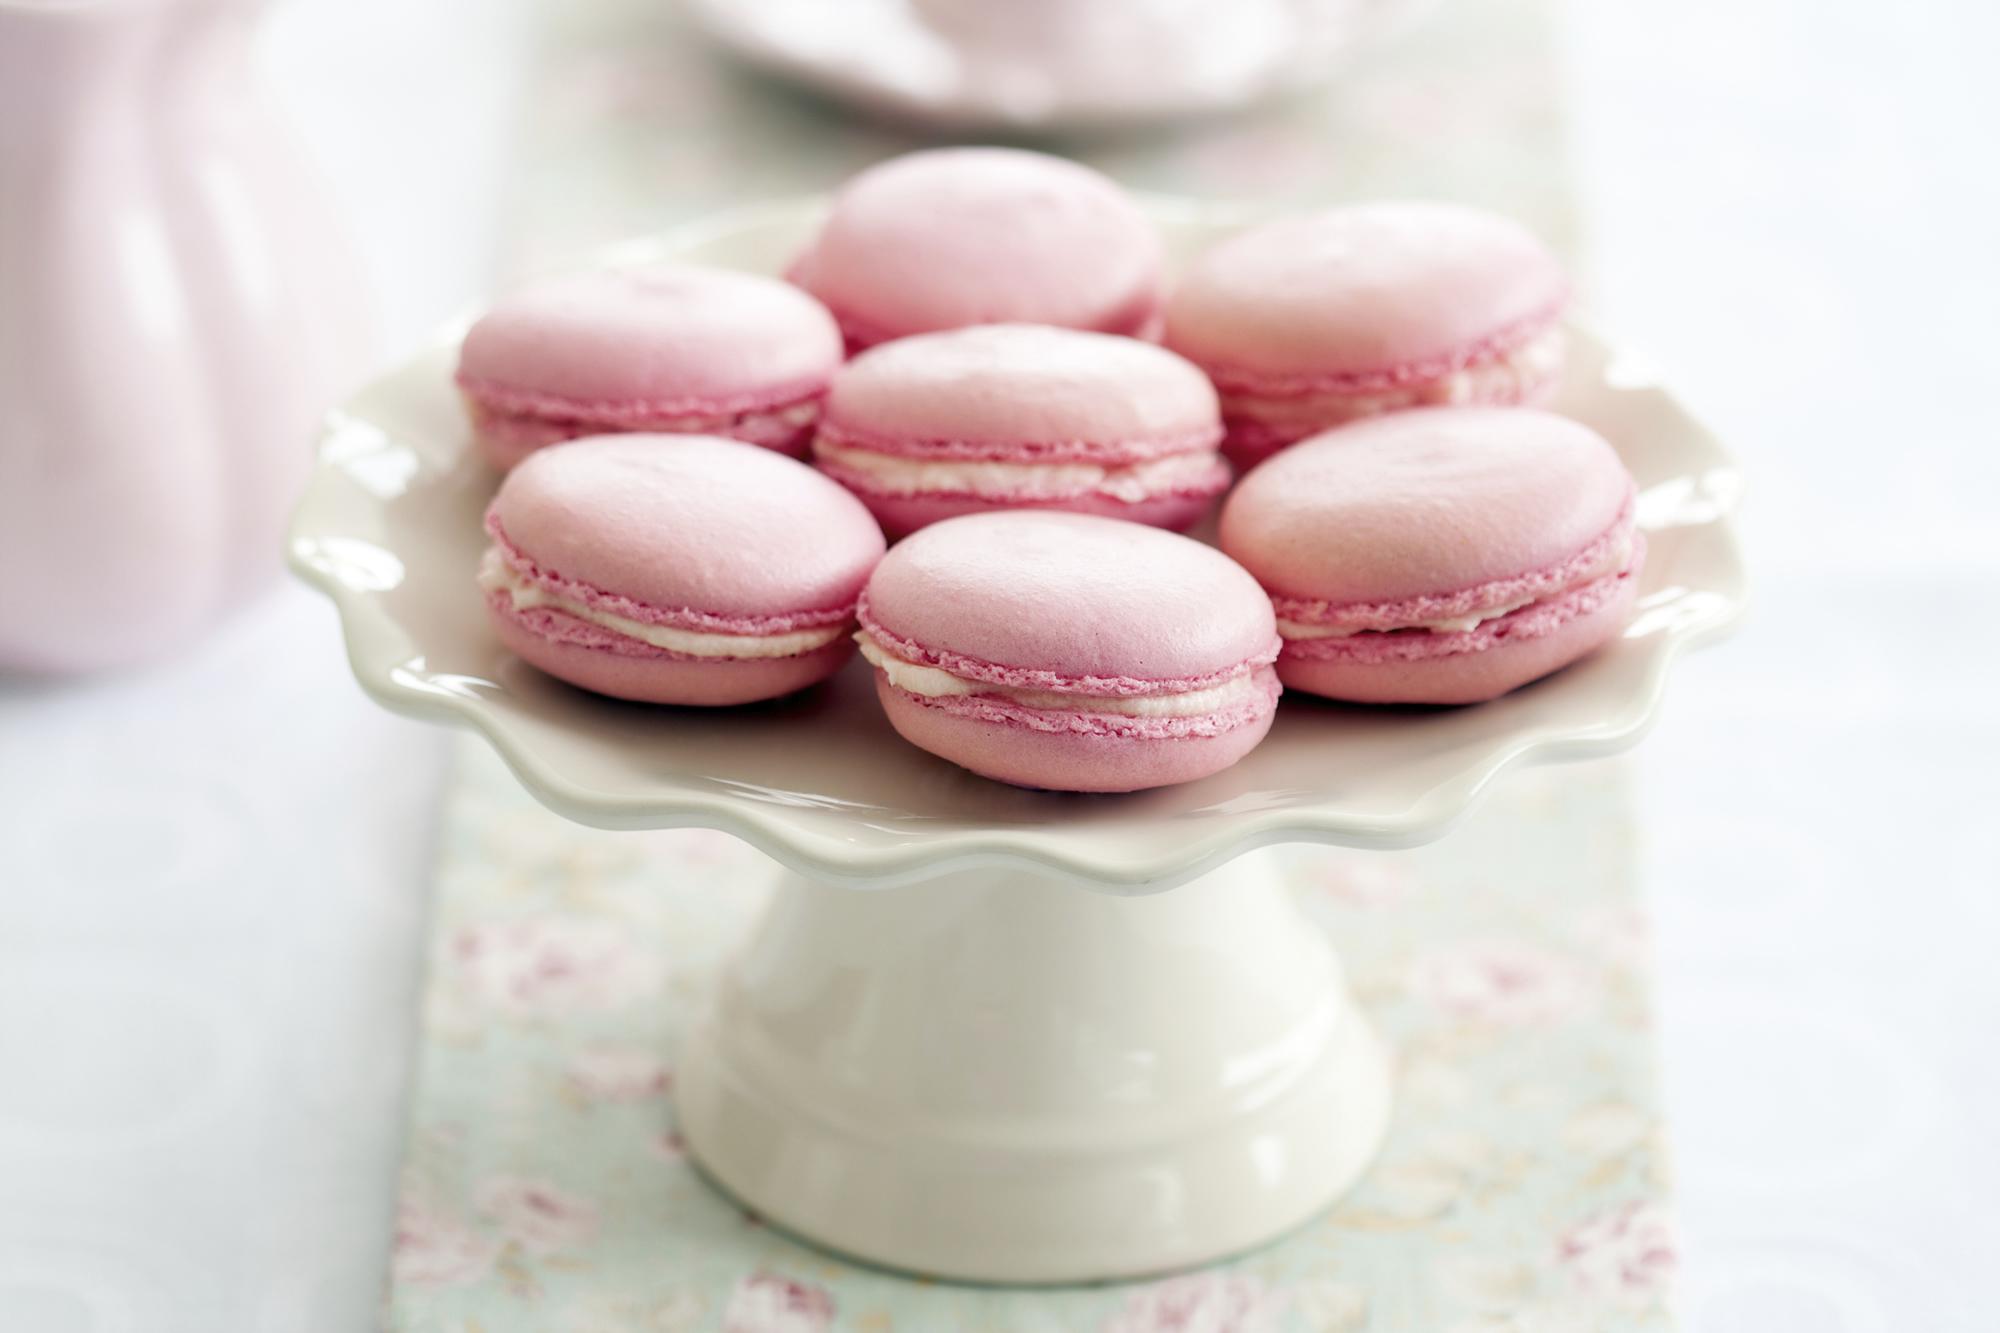 Ledru-Rollin お菓子教室 Le cours de pâtisserie